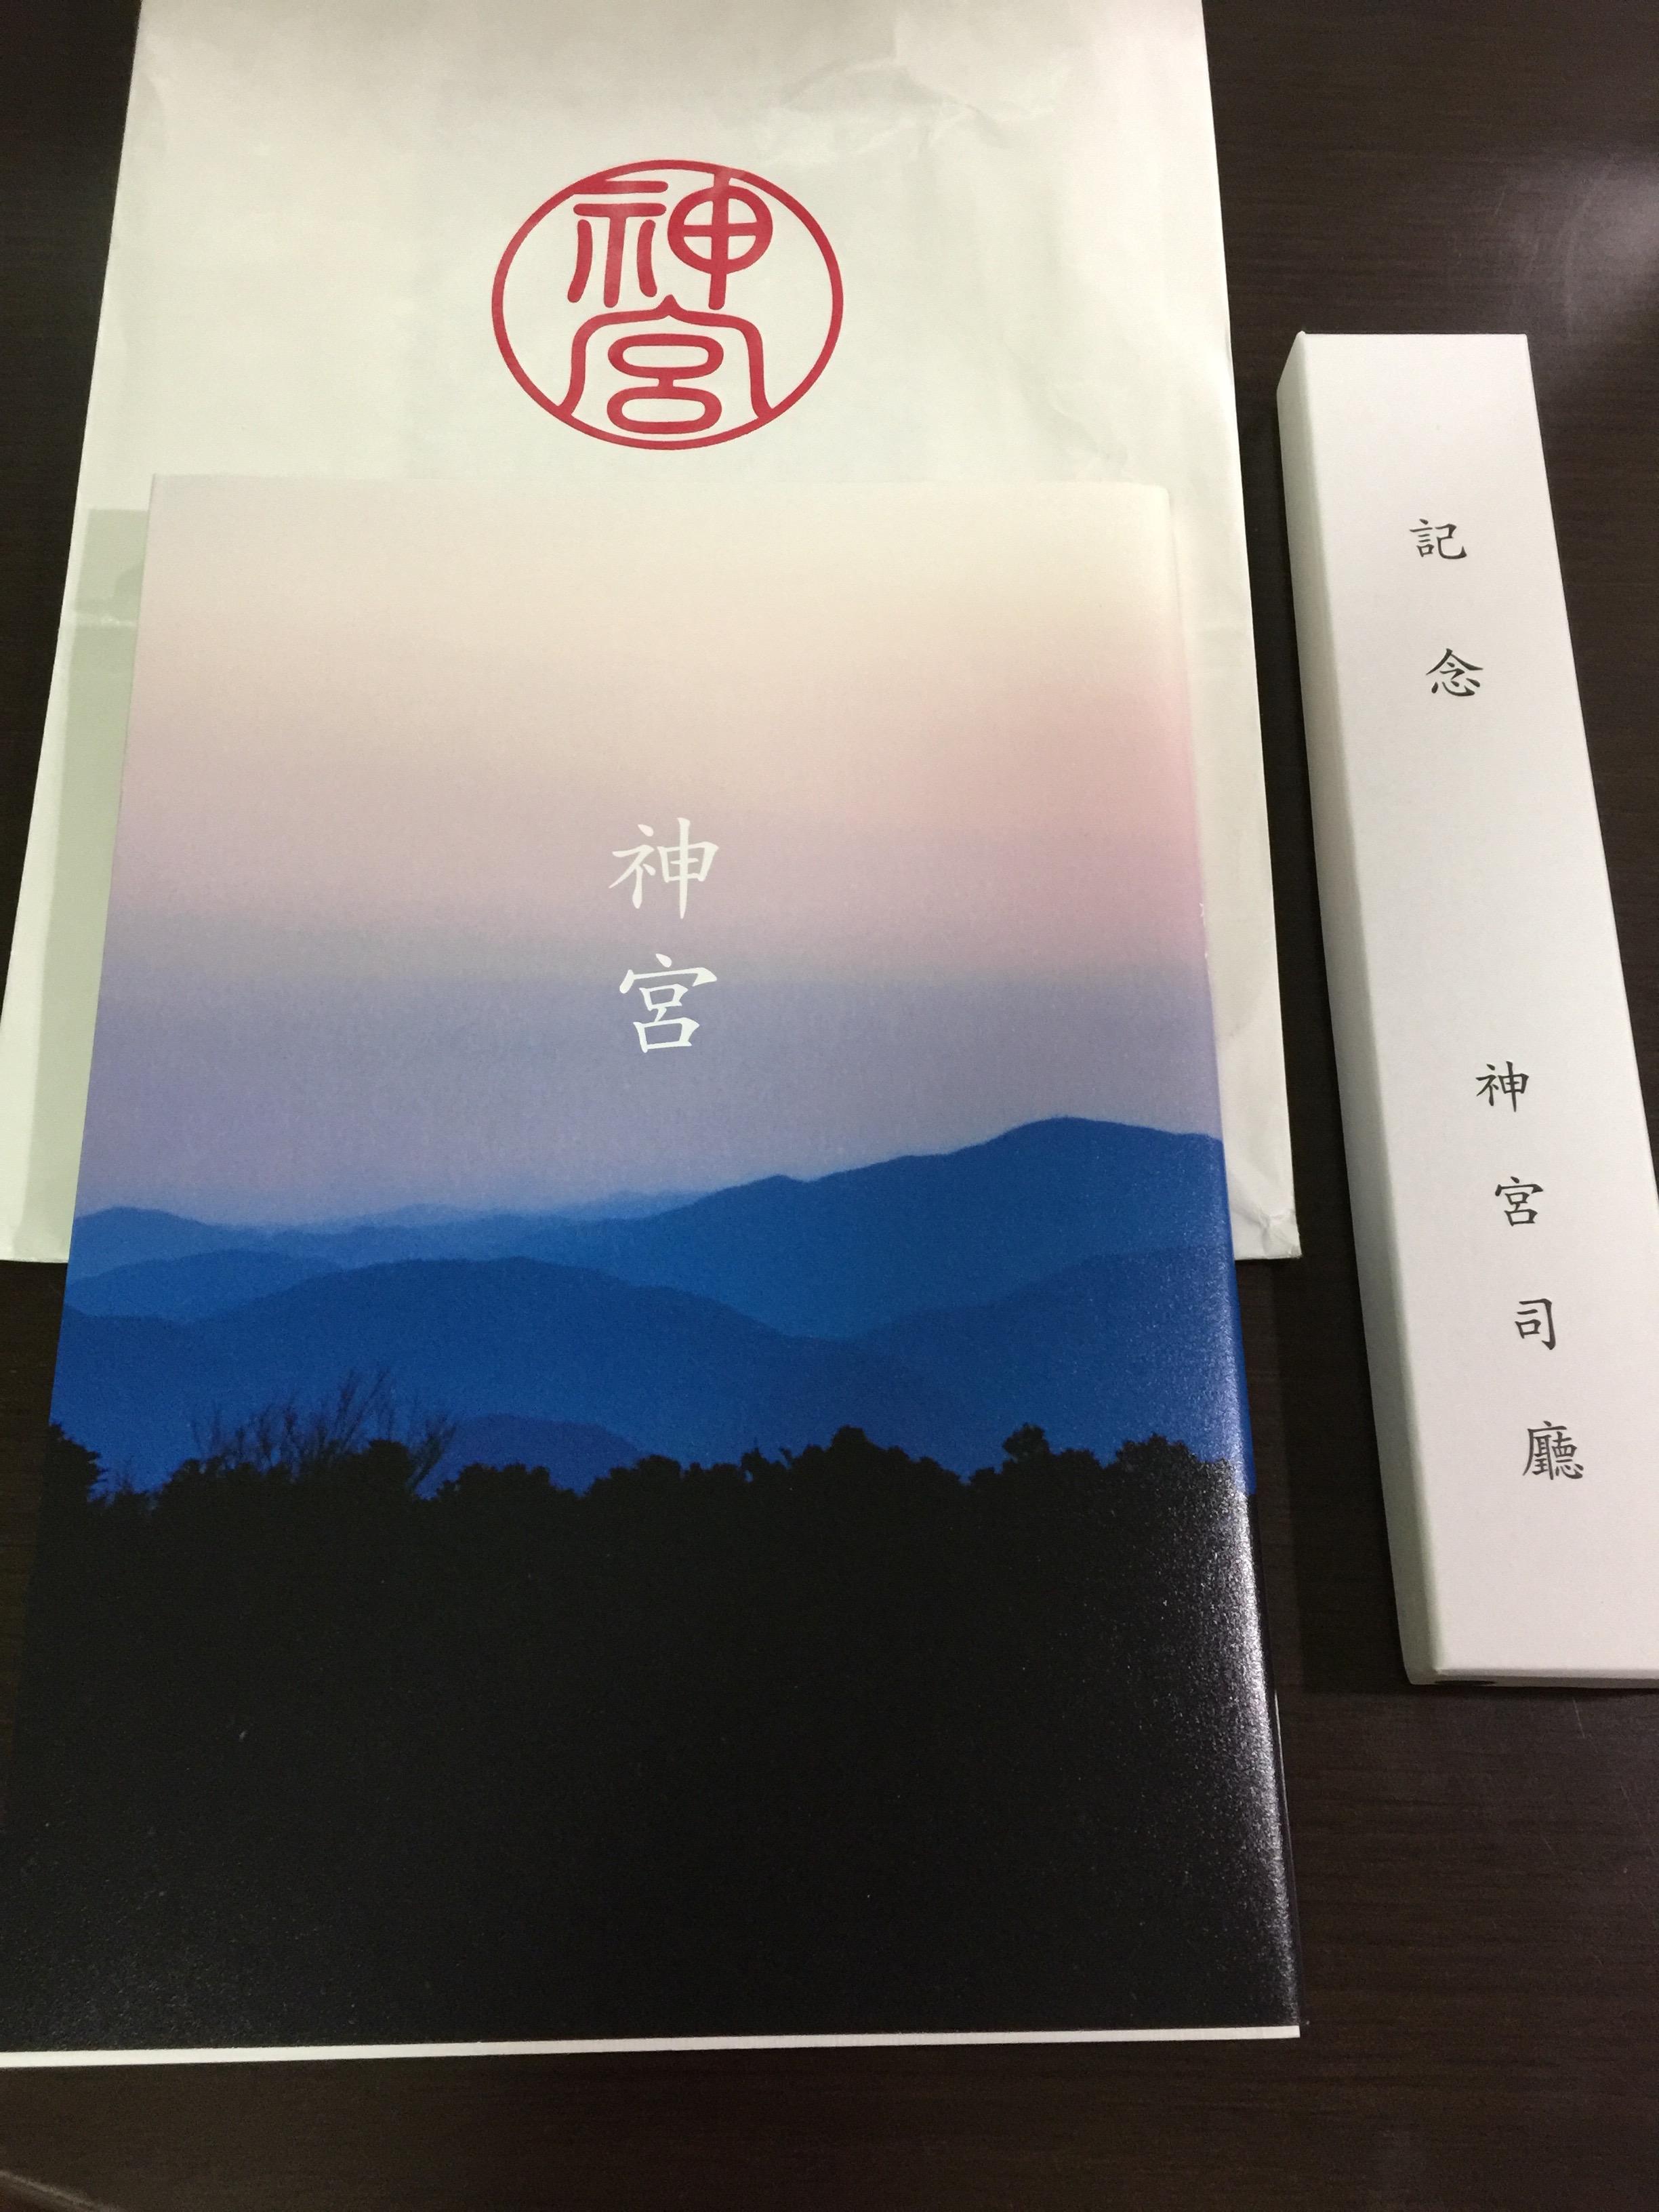 伊勢神宮 御造営金 特別参宮章